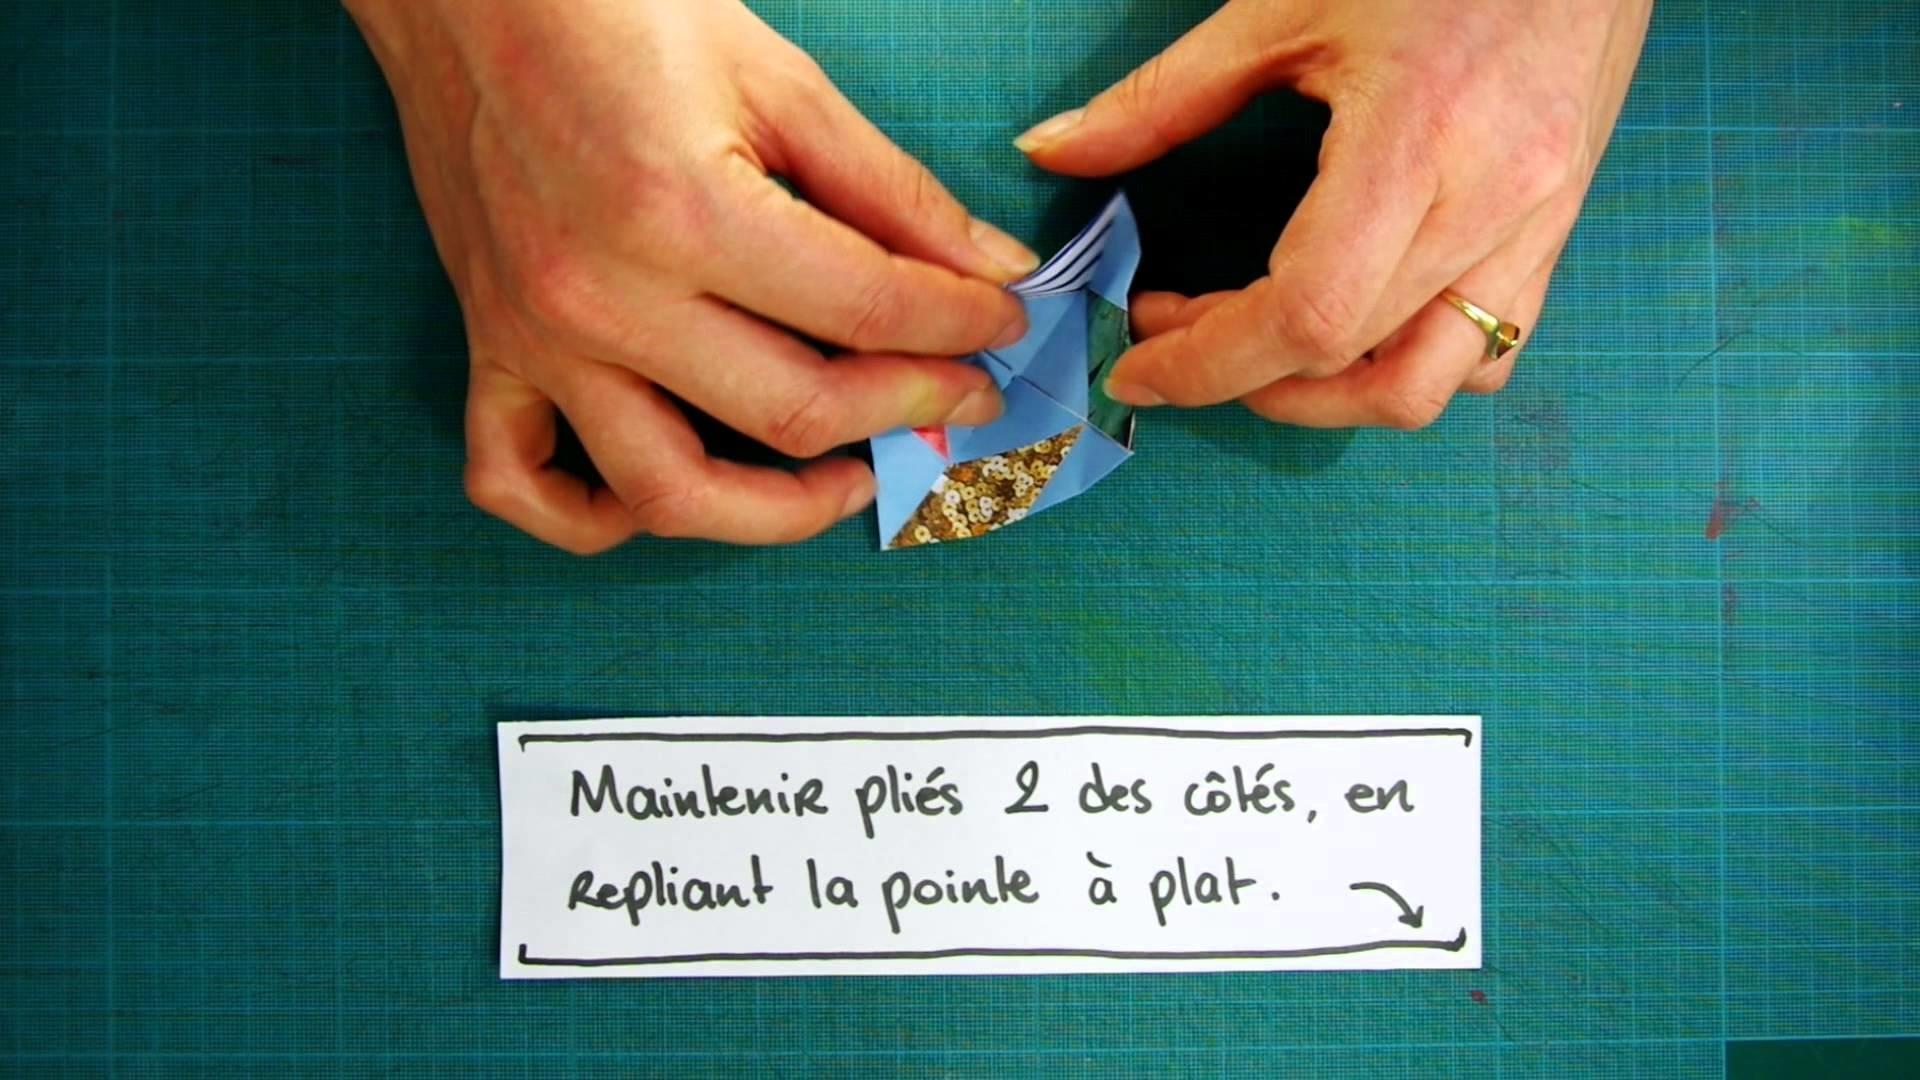 Tuto Kan-In Origami : Kazaguruma - Le Moulin